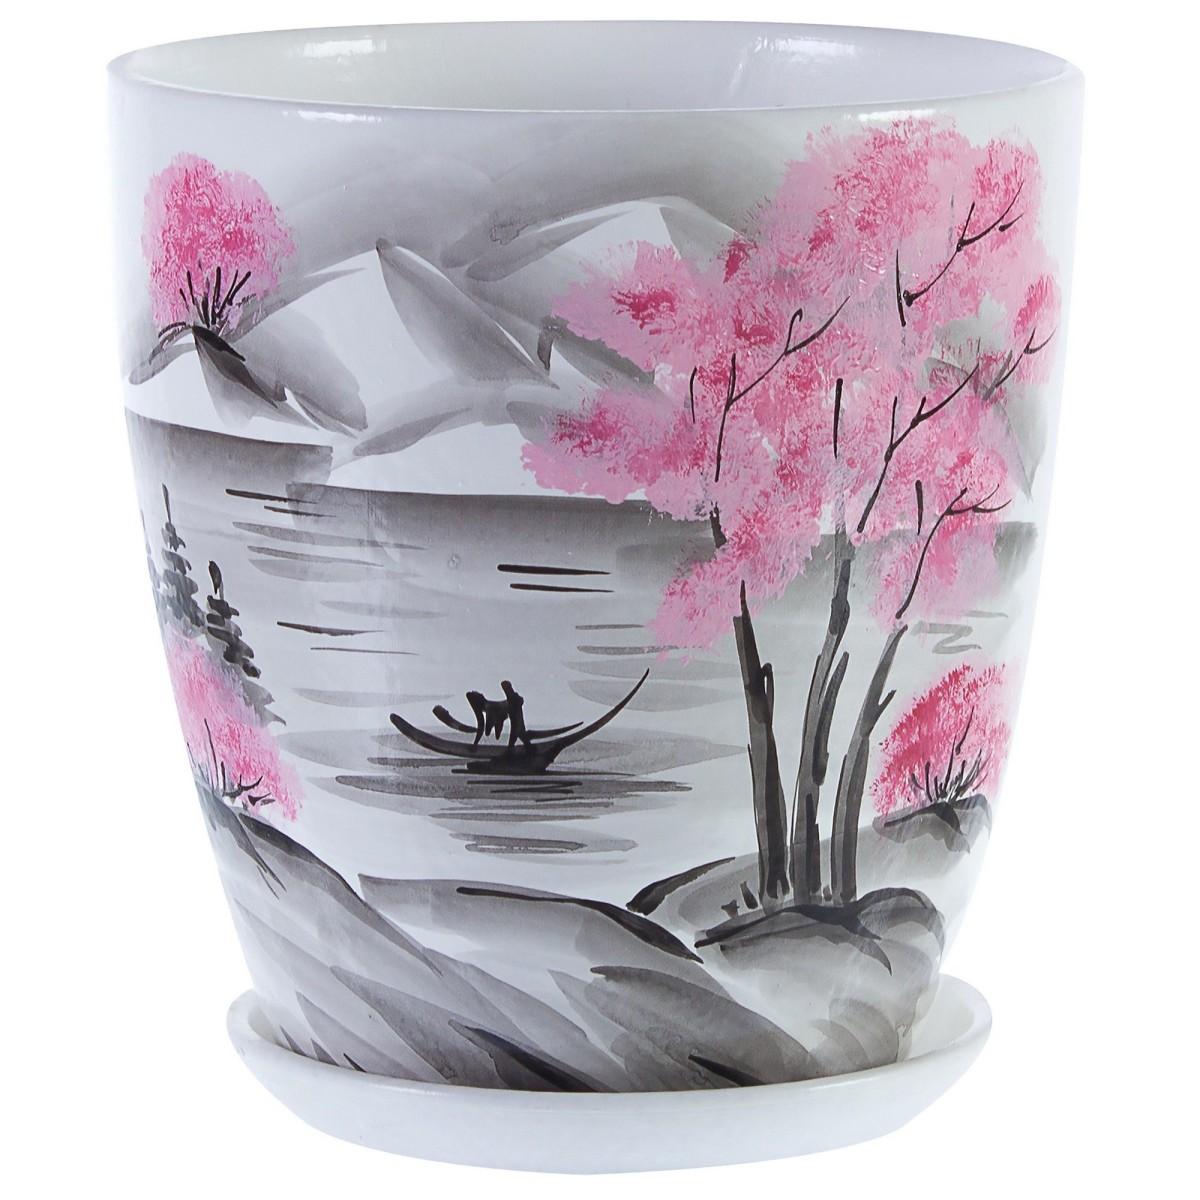 Горшок цветочный «Весна» белый 2.8 л 180 мм керамика с поддоном